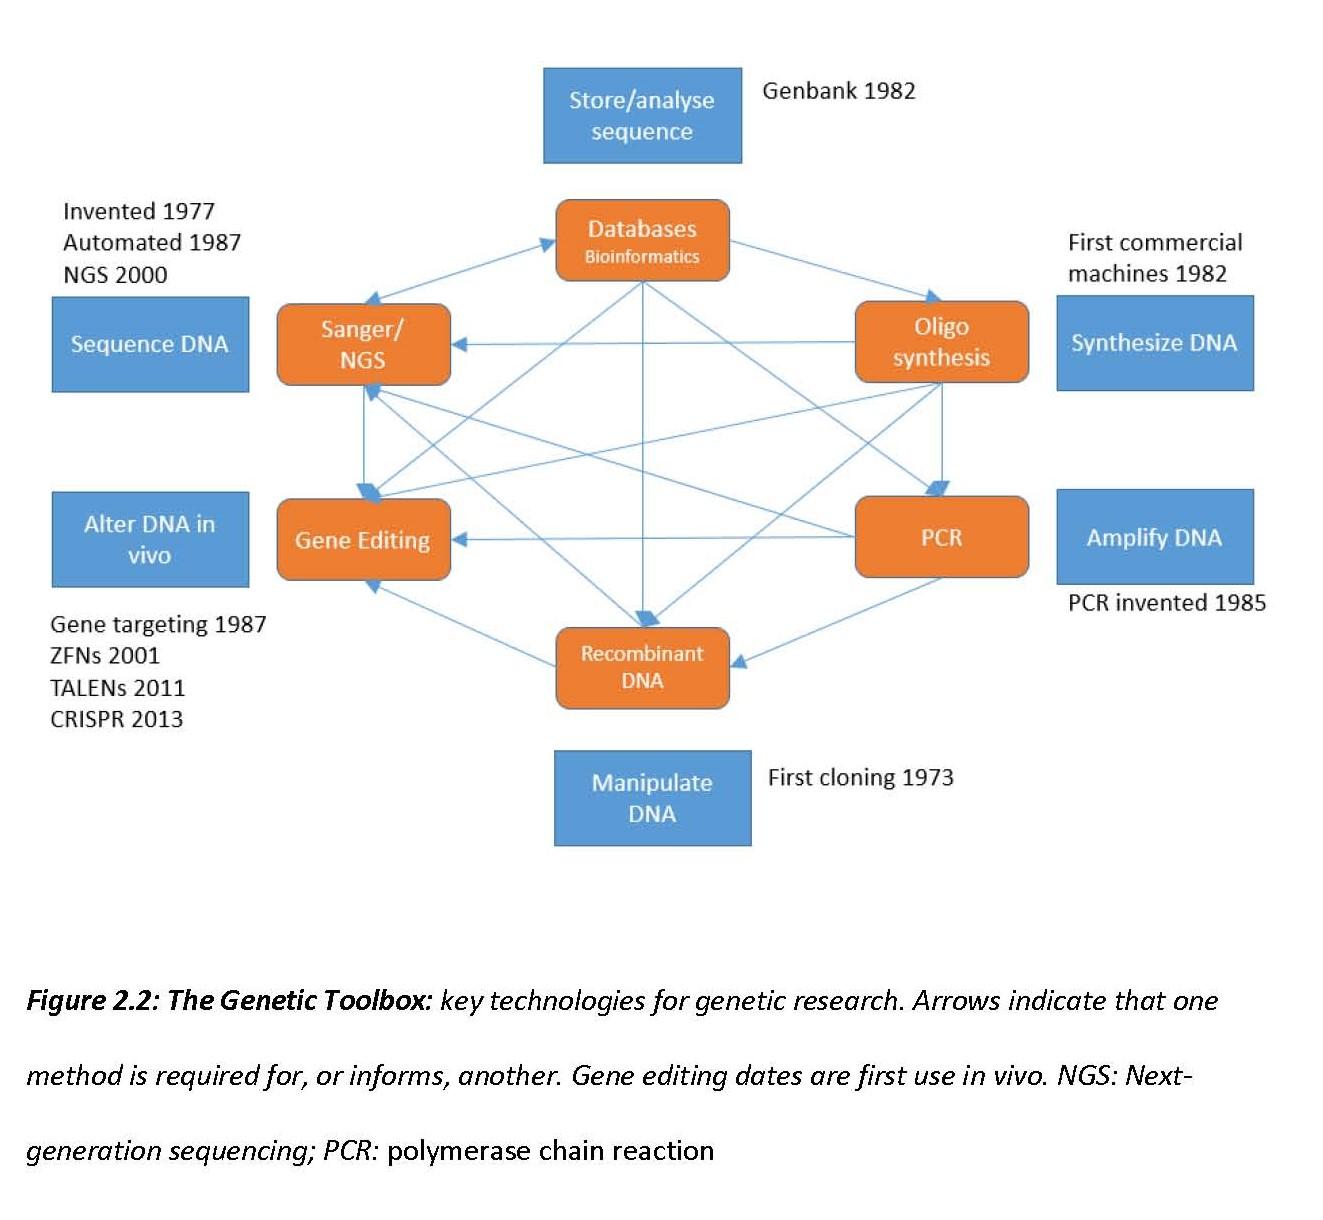 F2_2 Genetic Toolbox.jpg